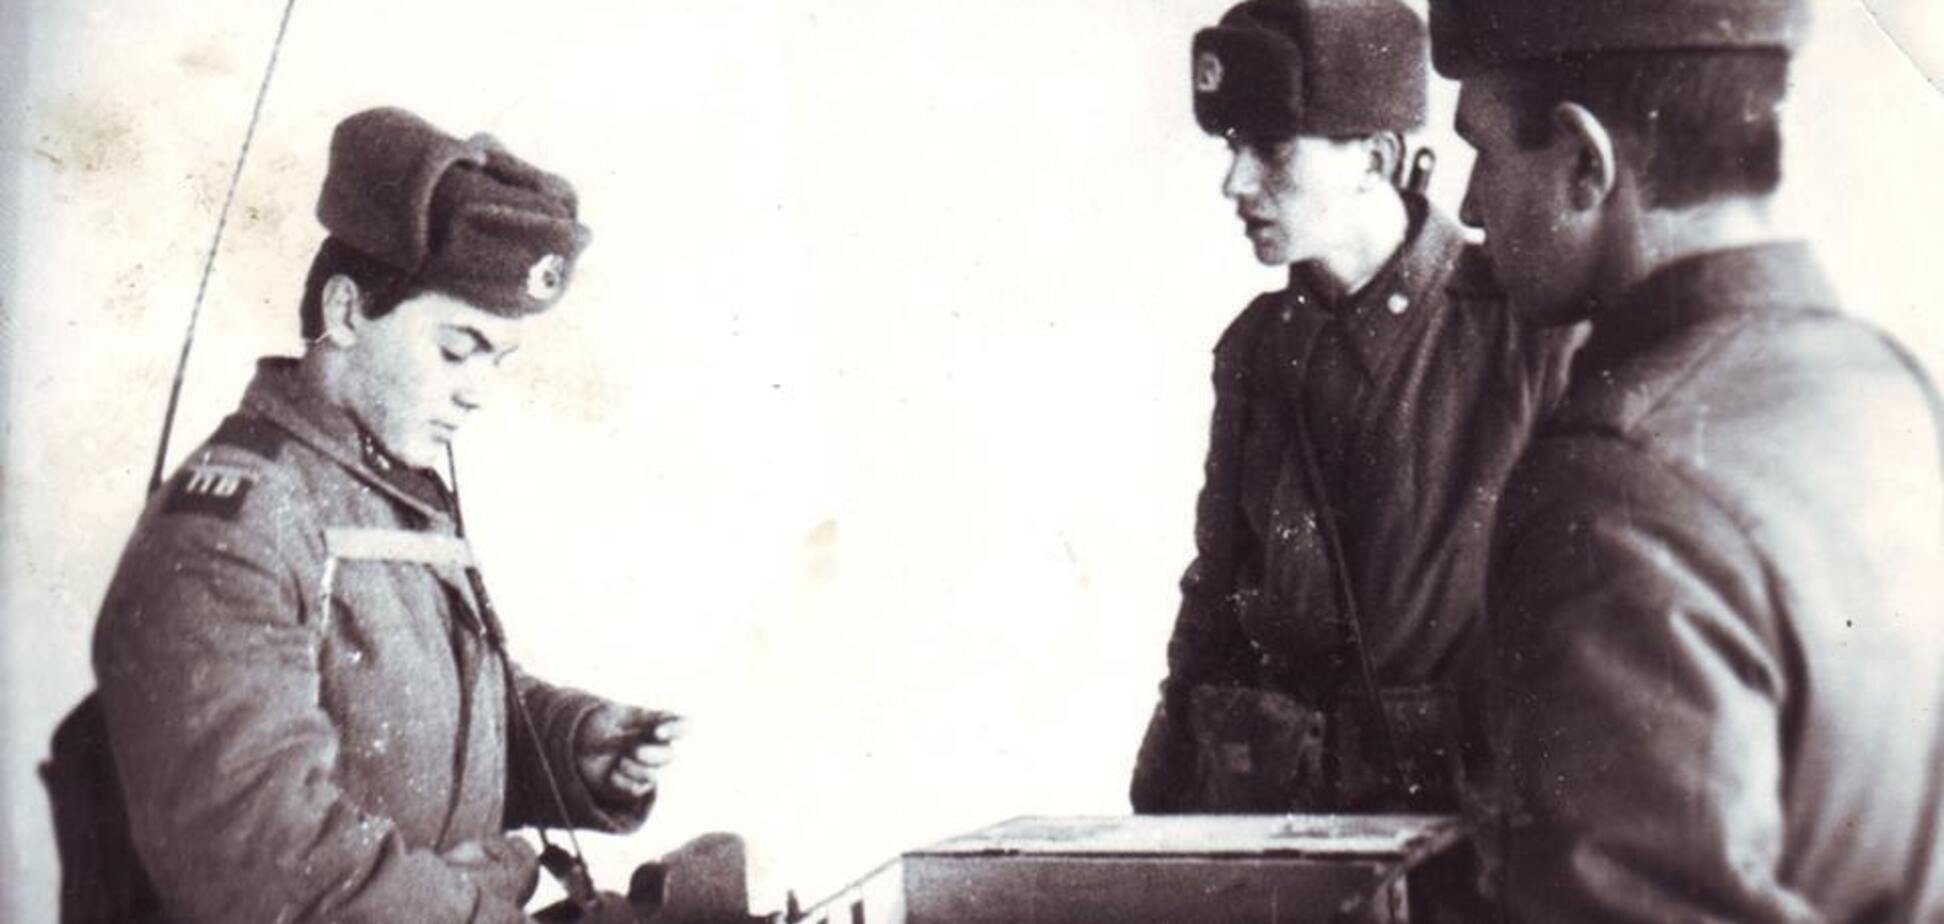 Колбаса и советская армия: как я зауважал прапорщиков